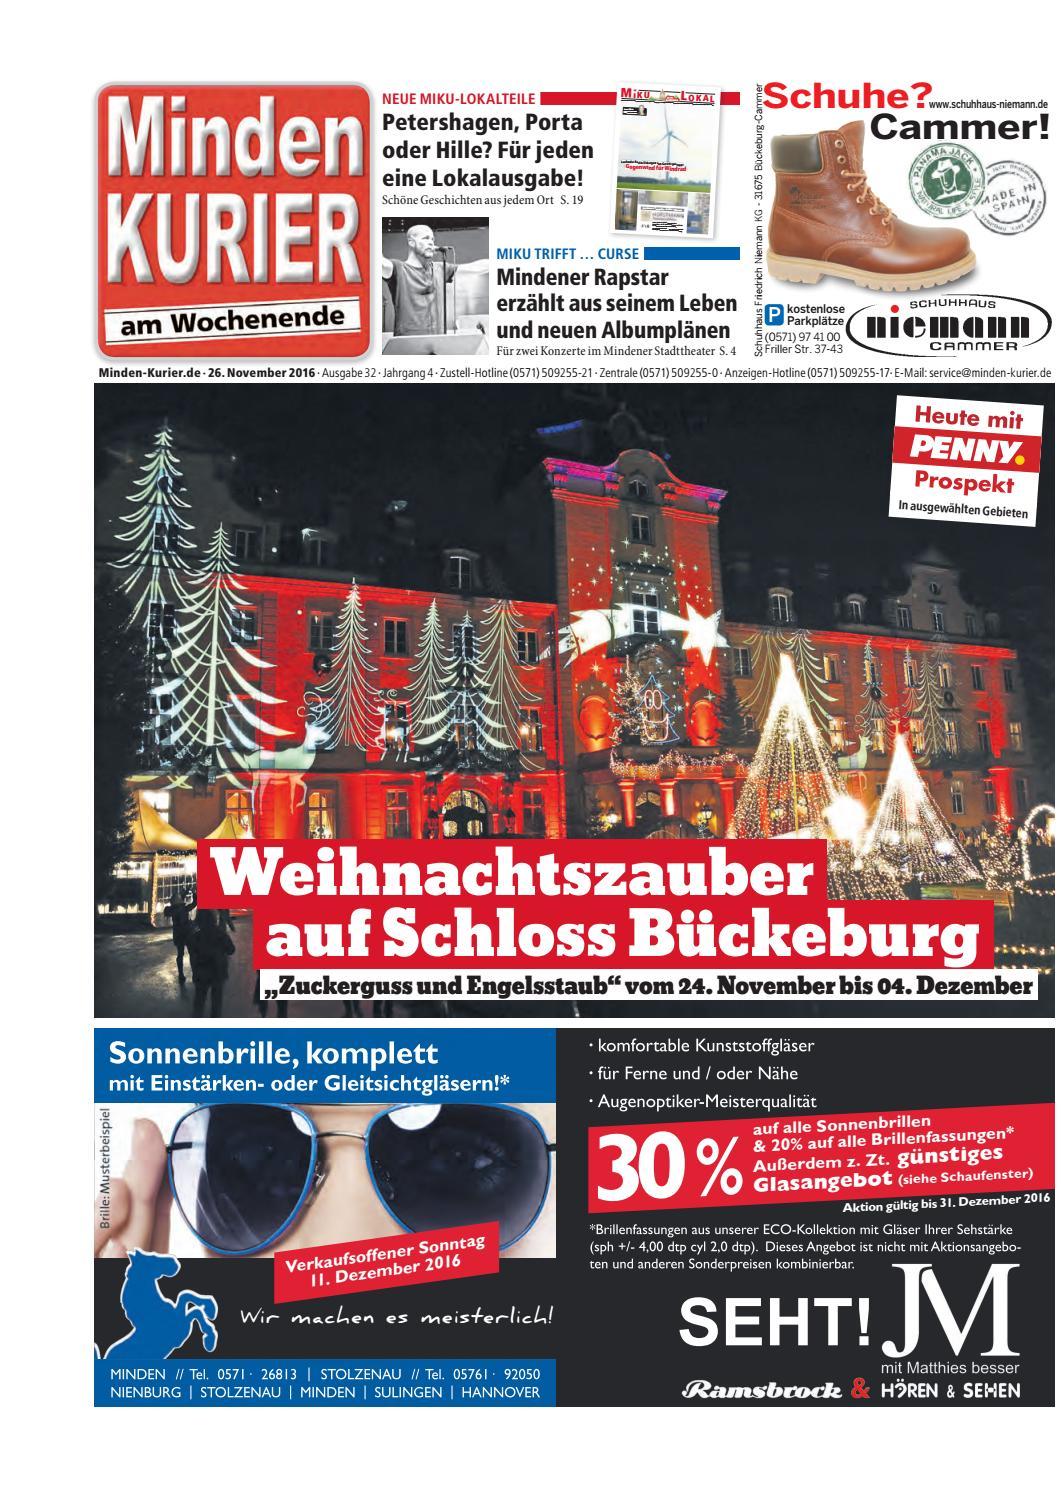 26. November 2016 – Weihnachtszauber auf Schloss Bückeburg by Minden ...